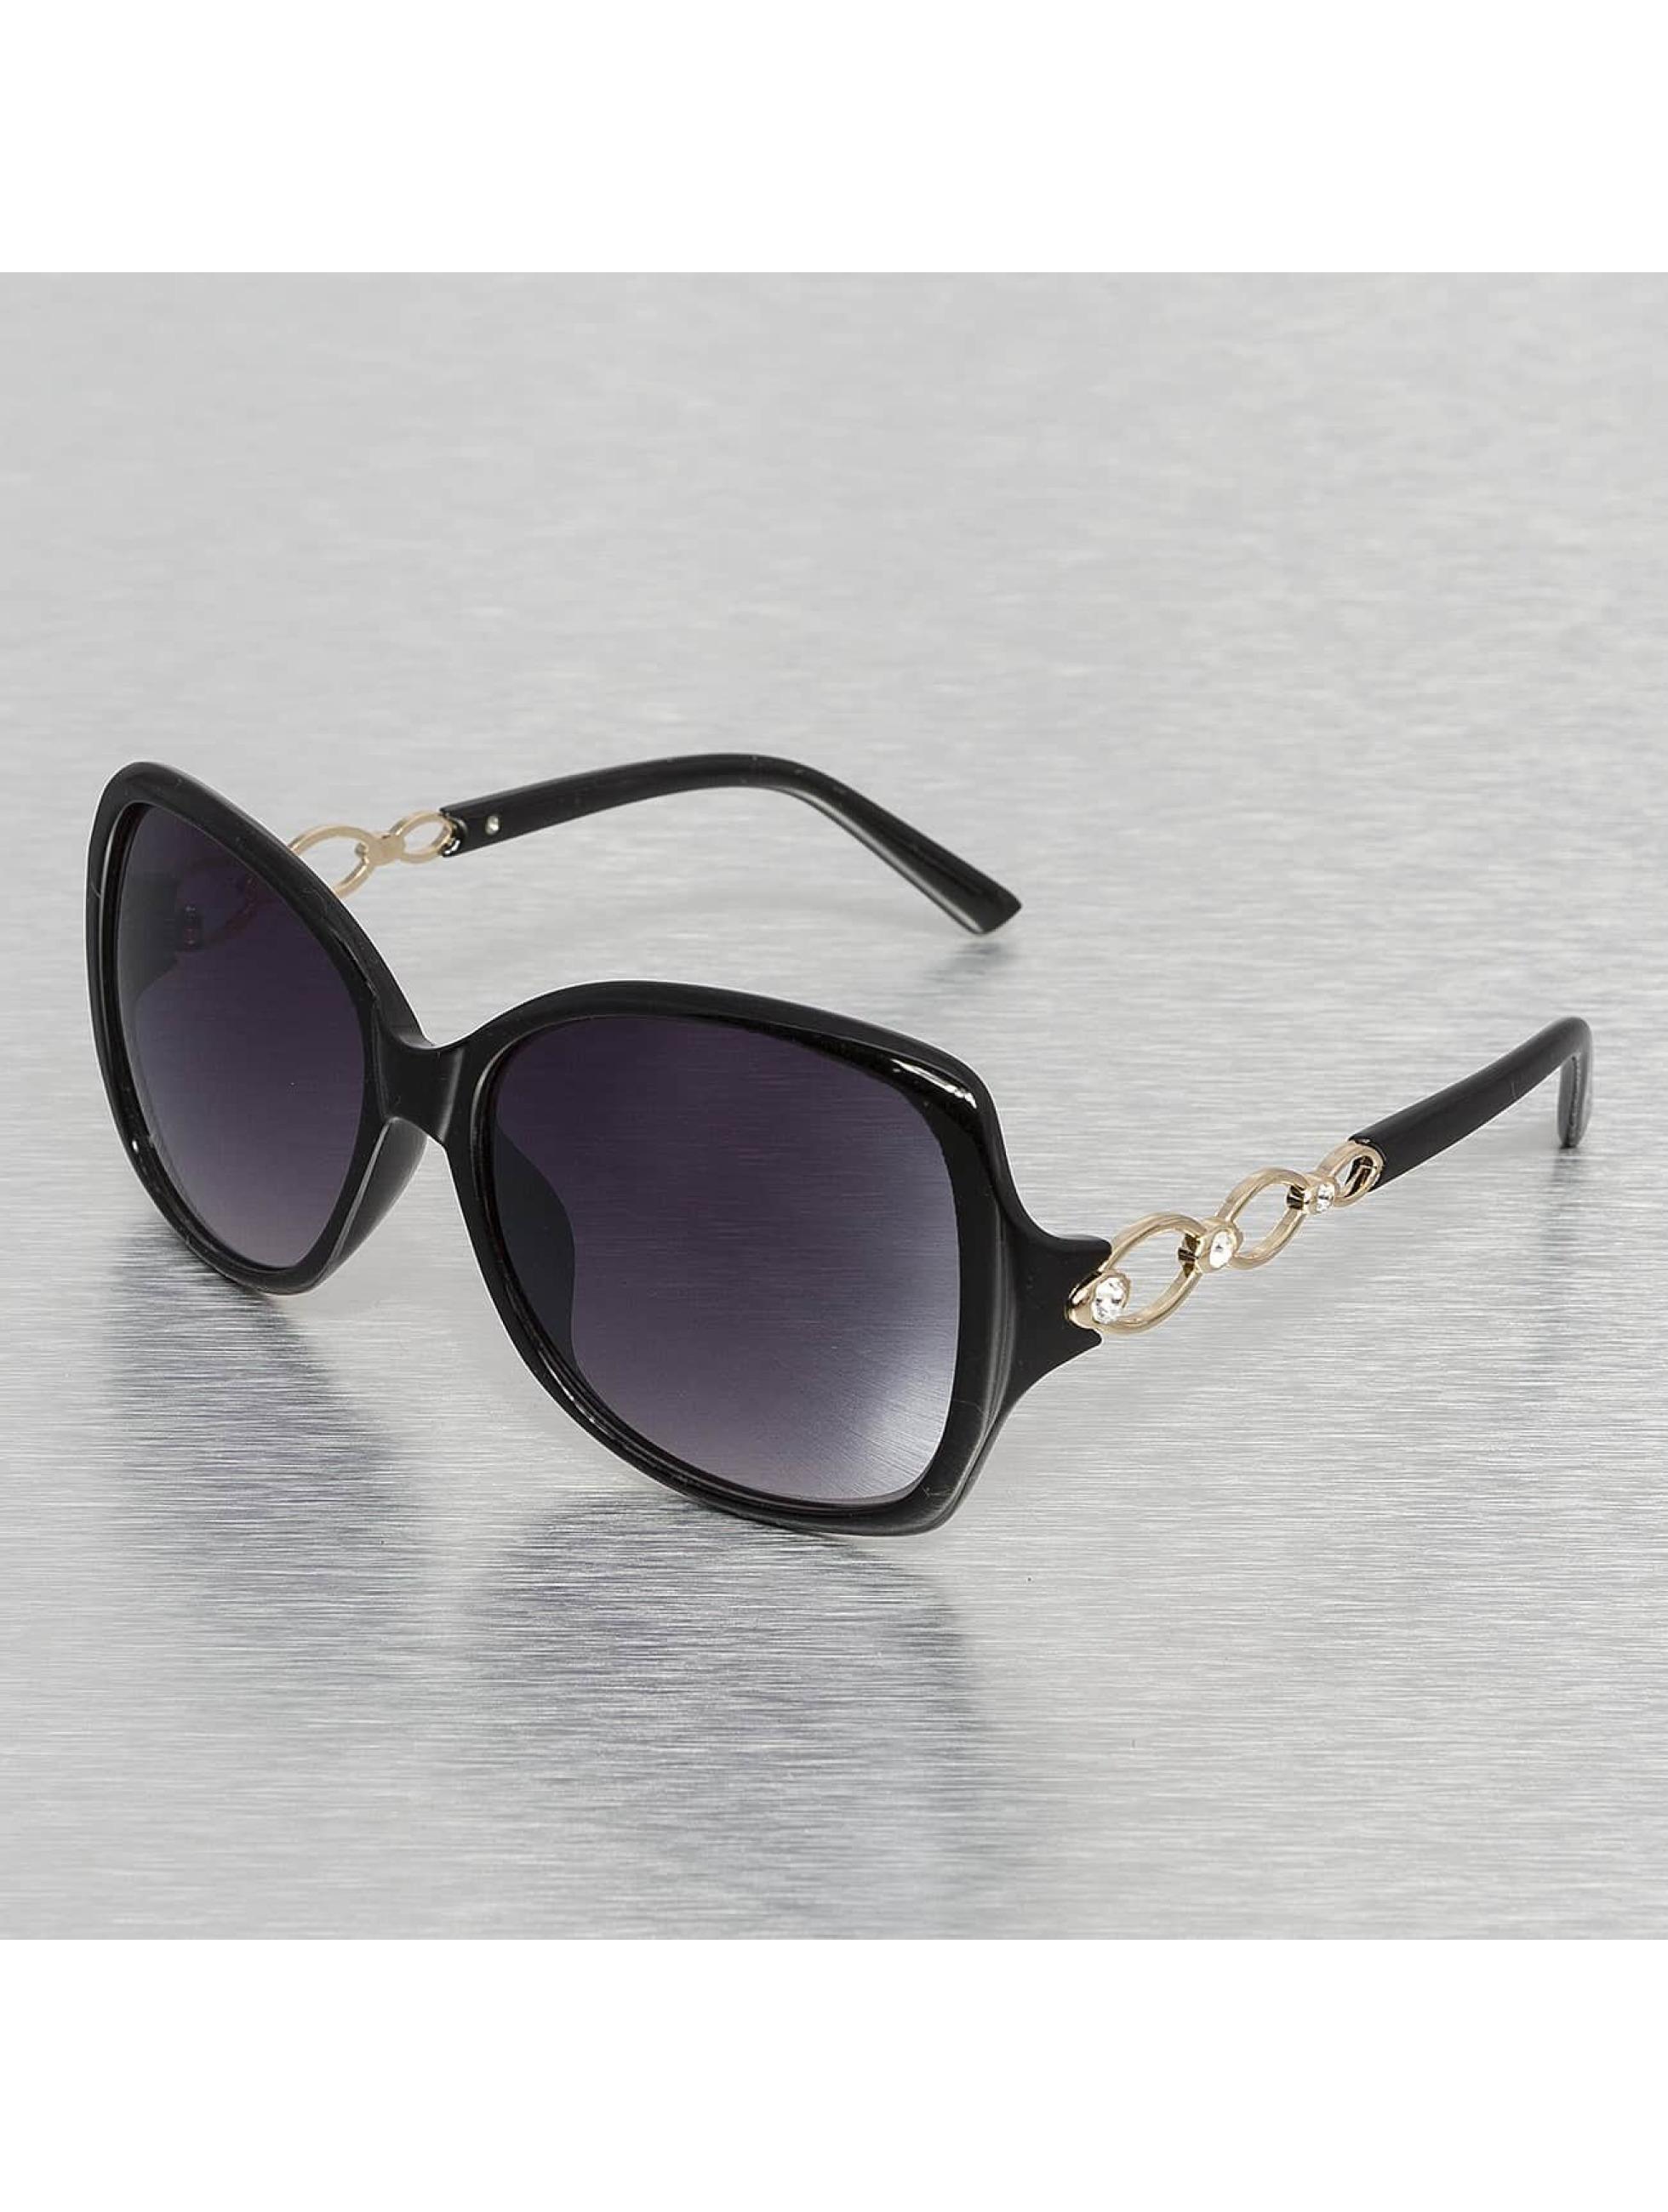 Miami Vision Frauen Sonnenbrille Vision in schwarz